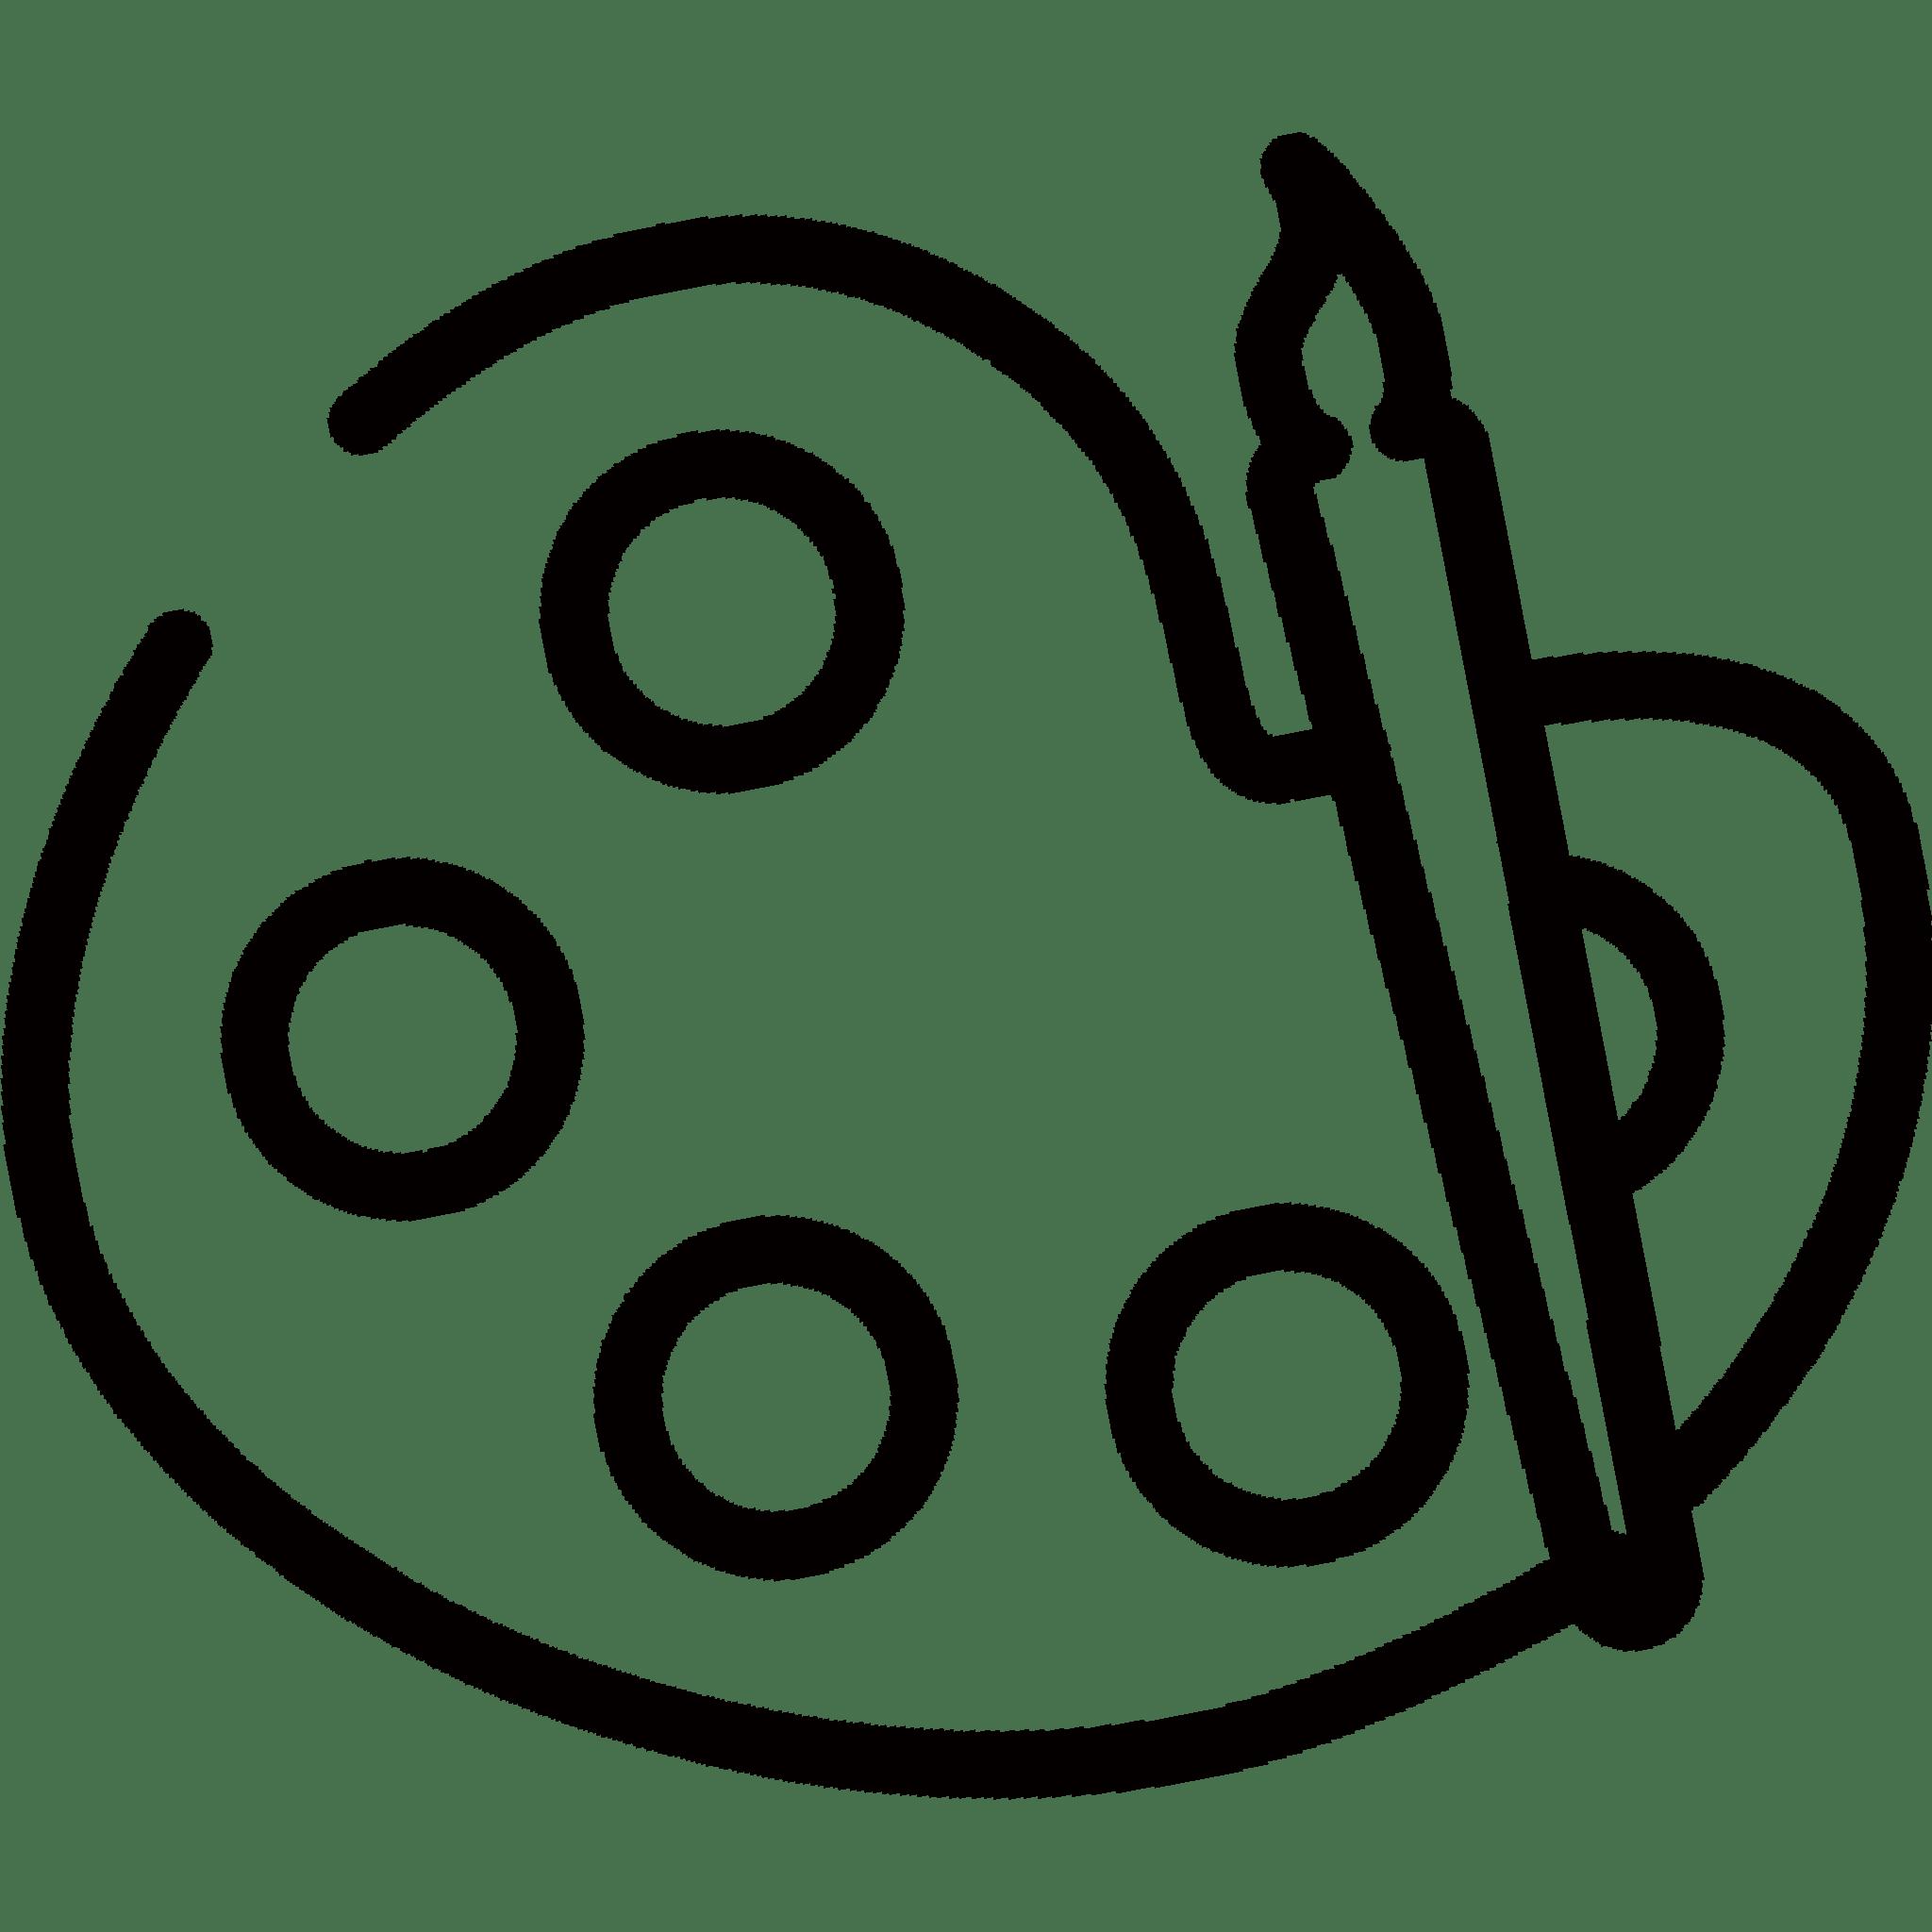 icone designe